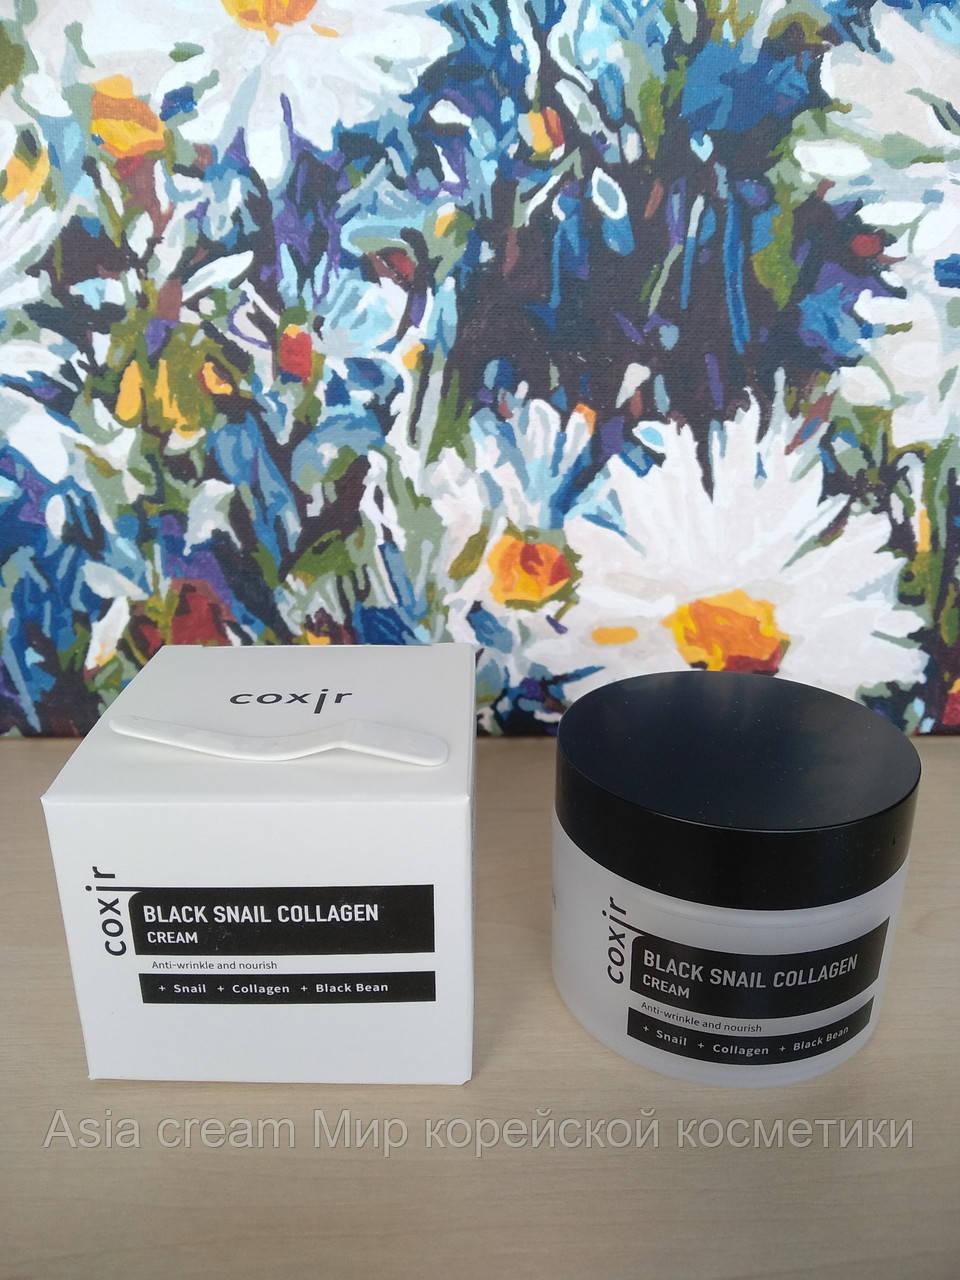 Антивозрастной питательный крем для лица с муцином черной улитки и коллагеном Coxir Black Snail Collagen Cream